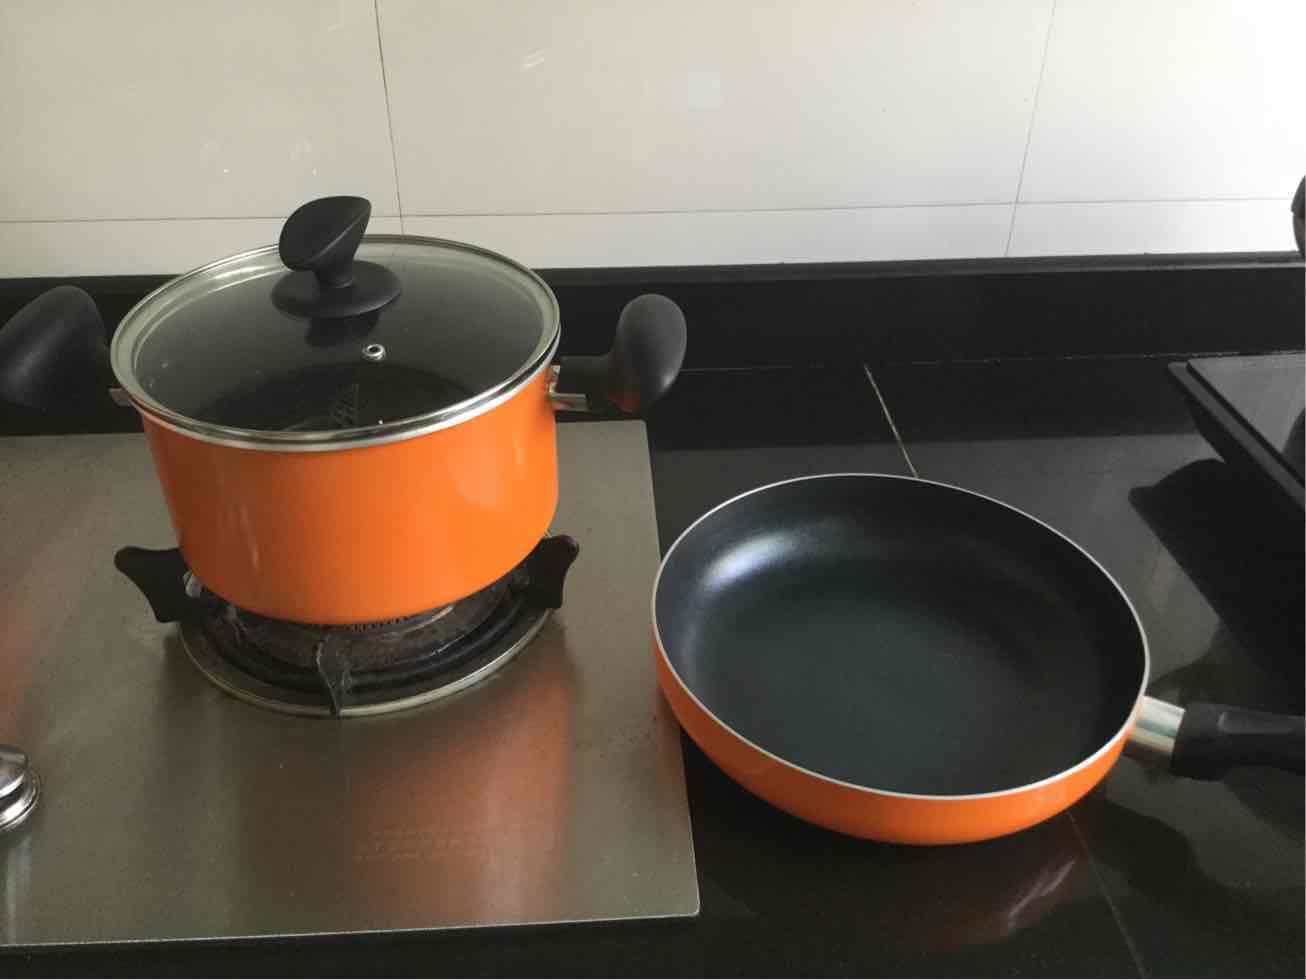 苏泊尔(SUPOR)苏泊尔不粘套装锅三件套TP1612E明火燃气适用不粘厨具锅具套装